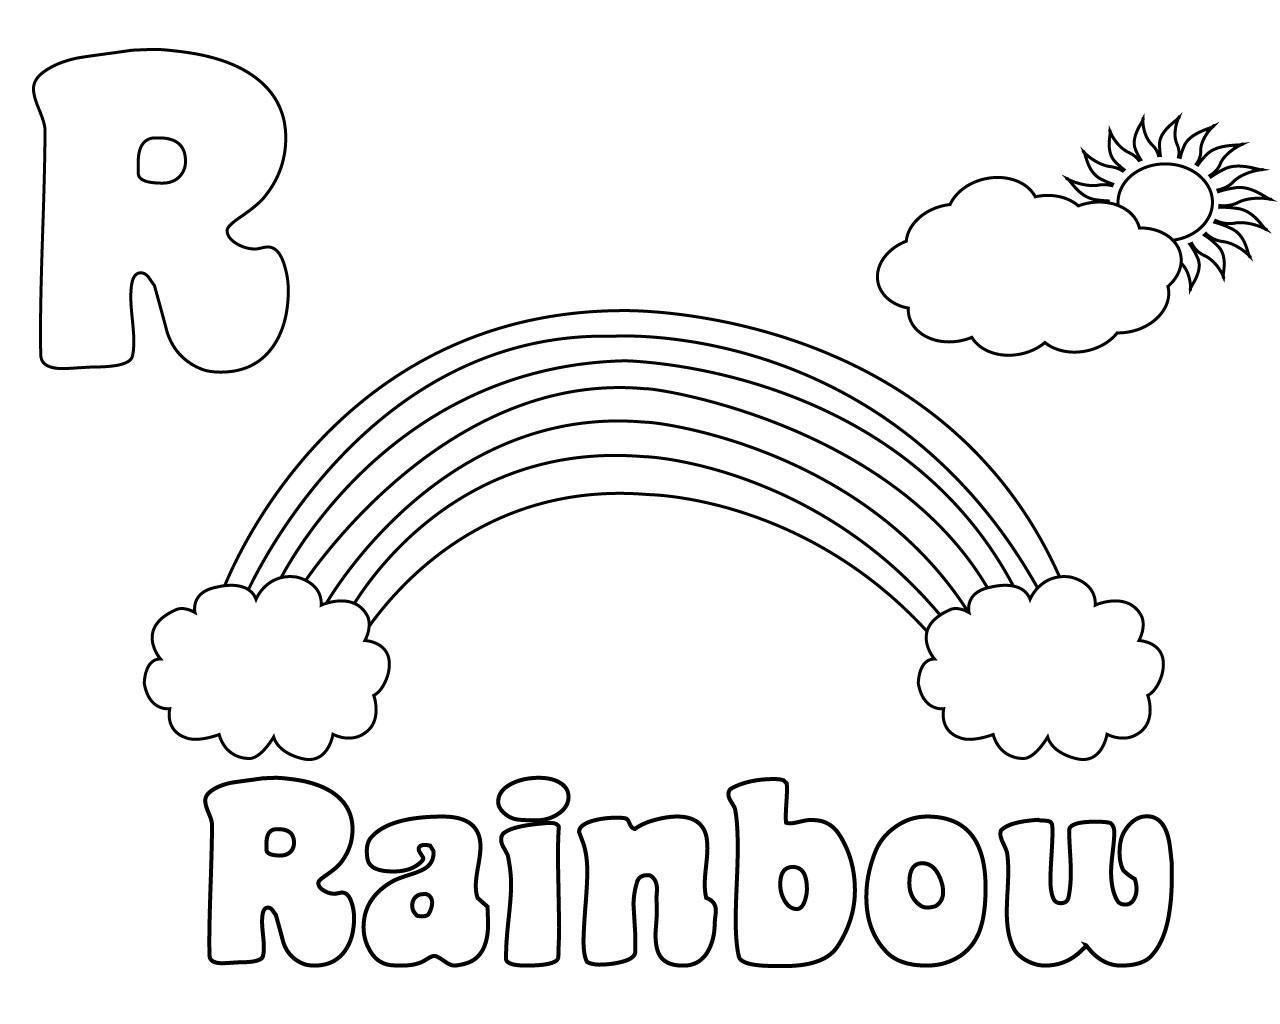 8 Letter I Coloring Page Preschool Coloriage A Imprimer Feuilles De Calcul Pour Prescolaires Imprimables Coloriage Gratuit